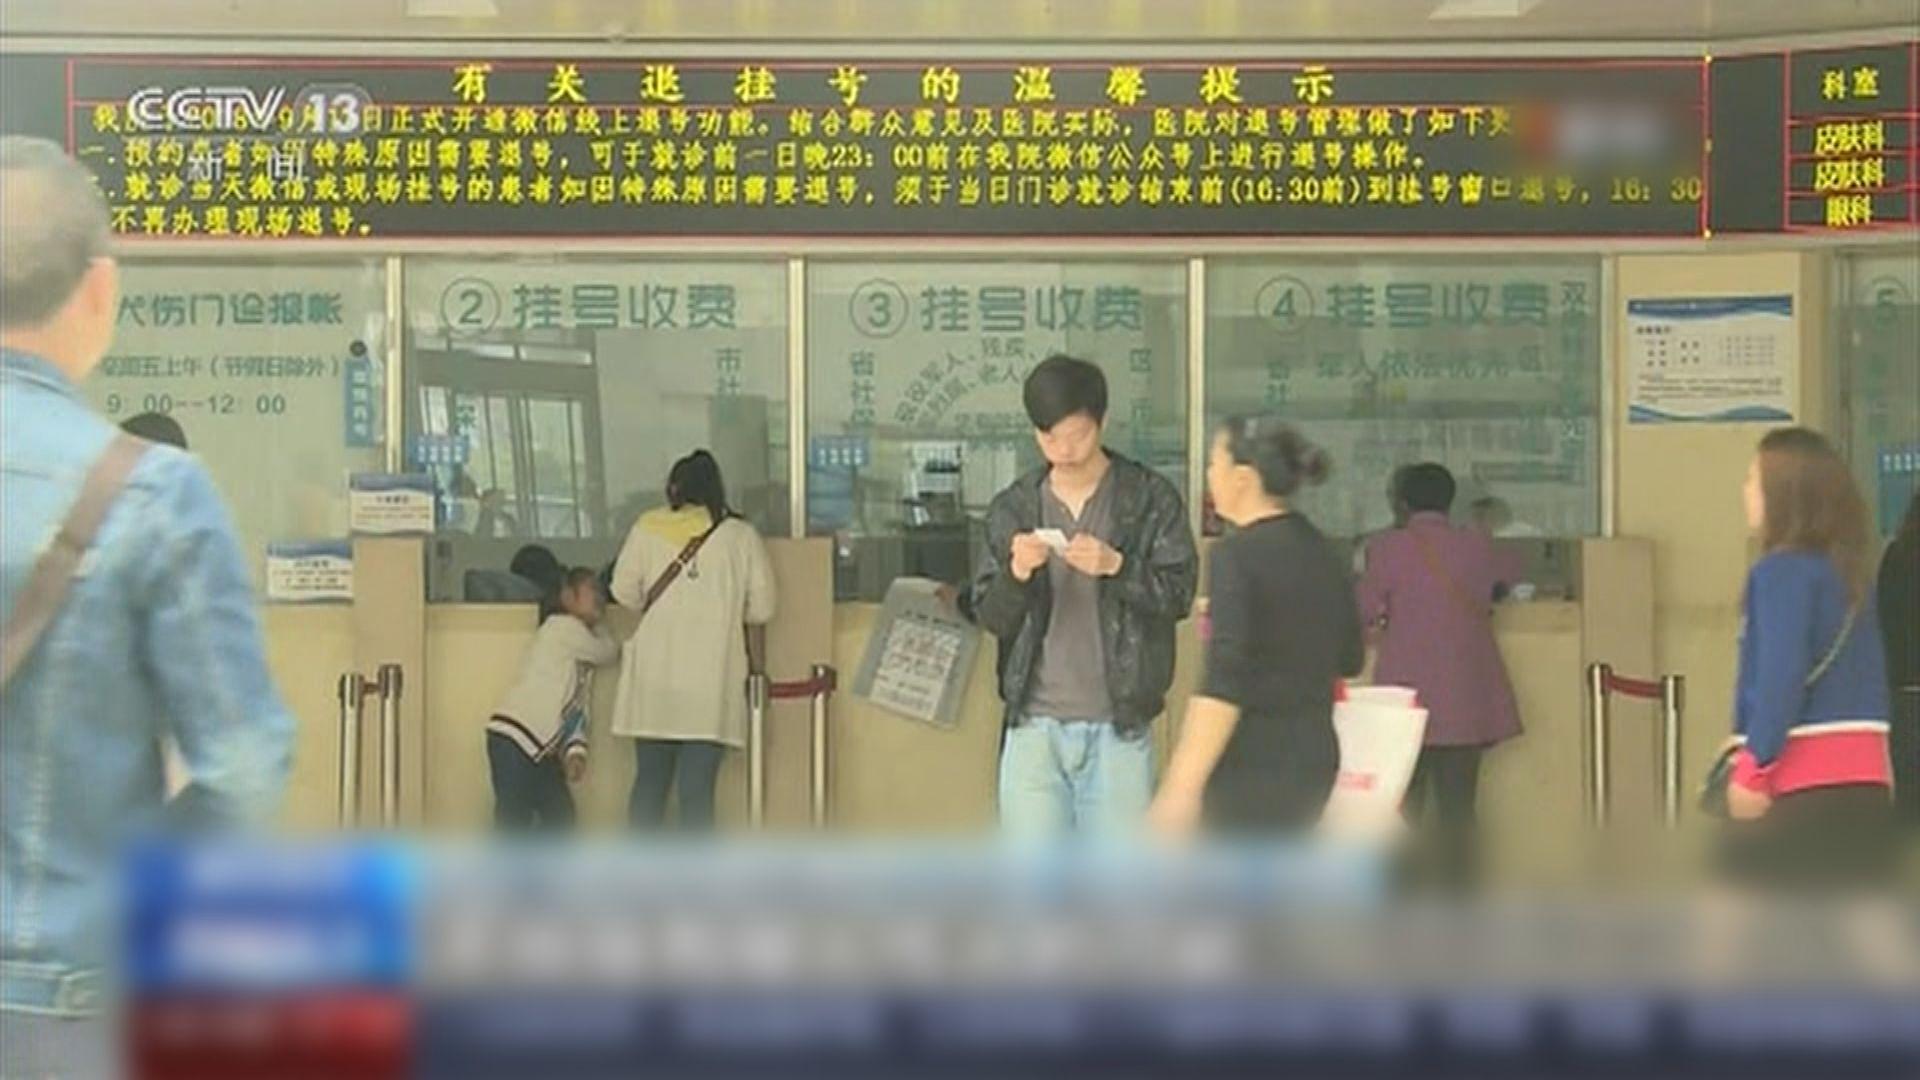 武漢新型冠狀病毒肺炎個案累計增至62宗